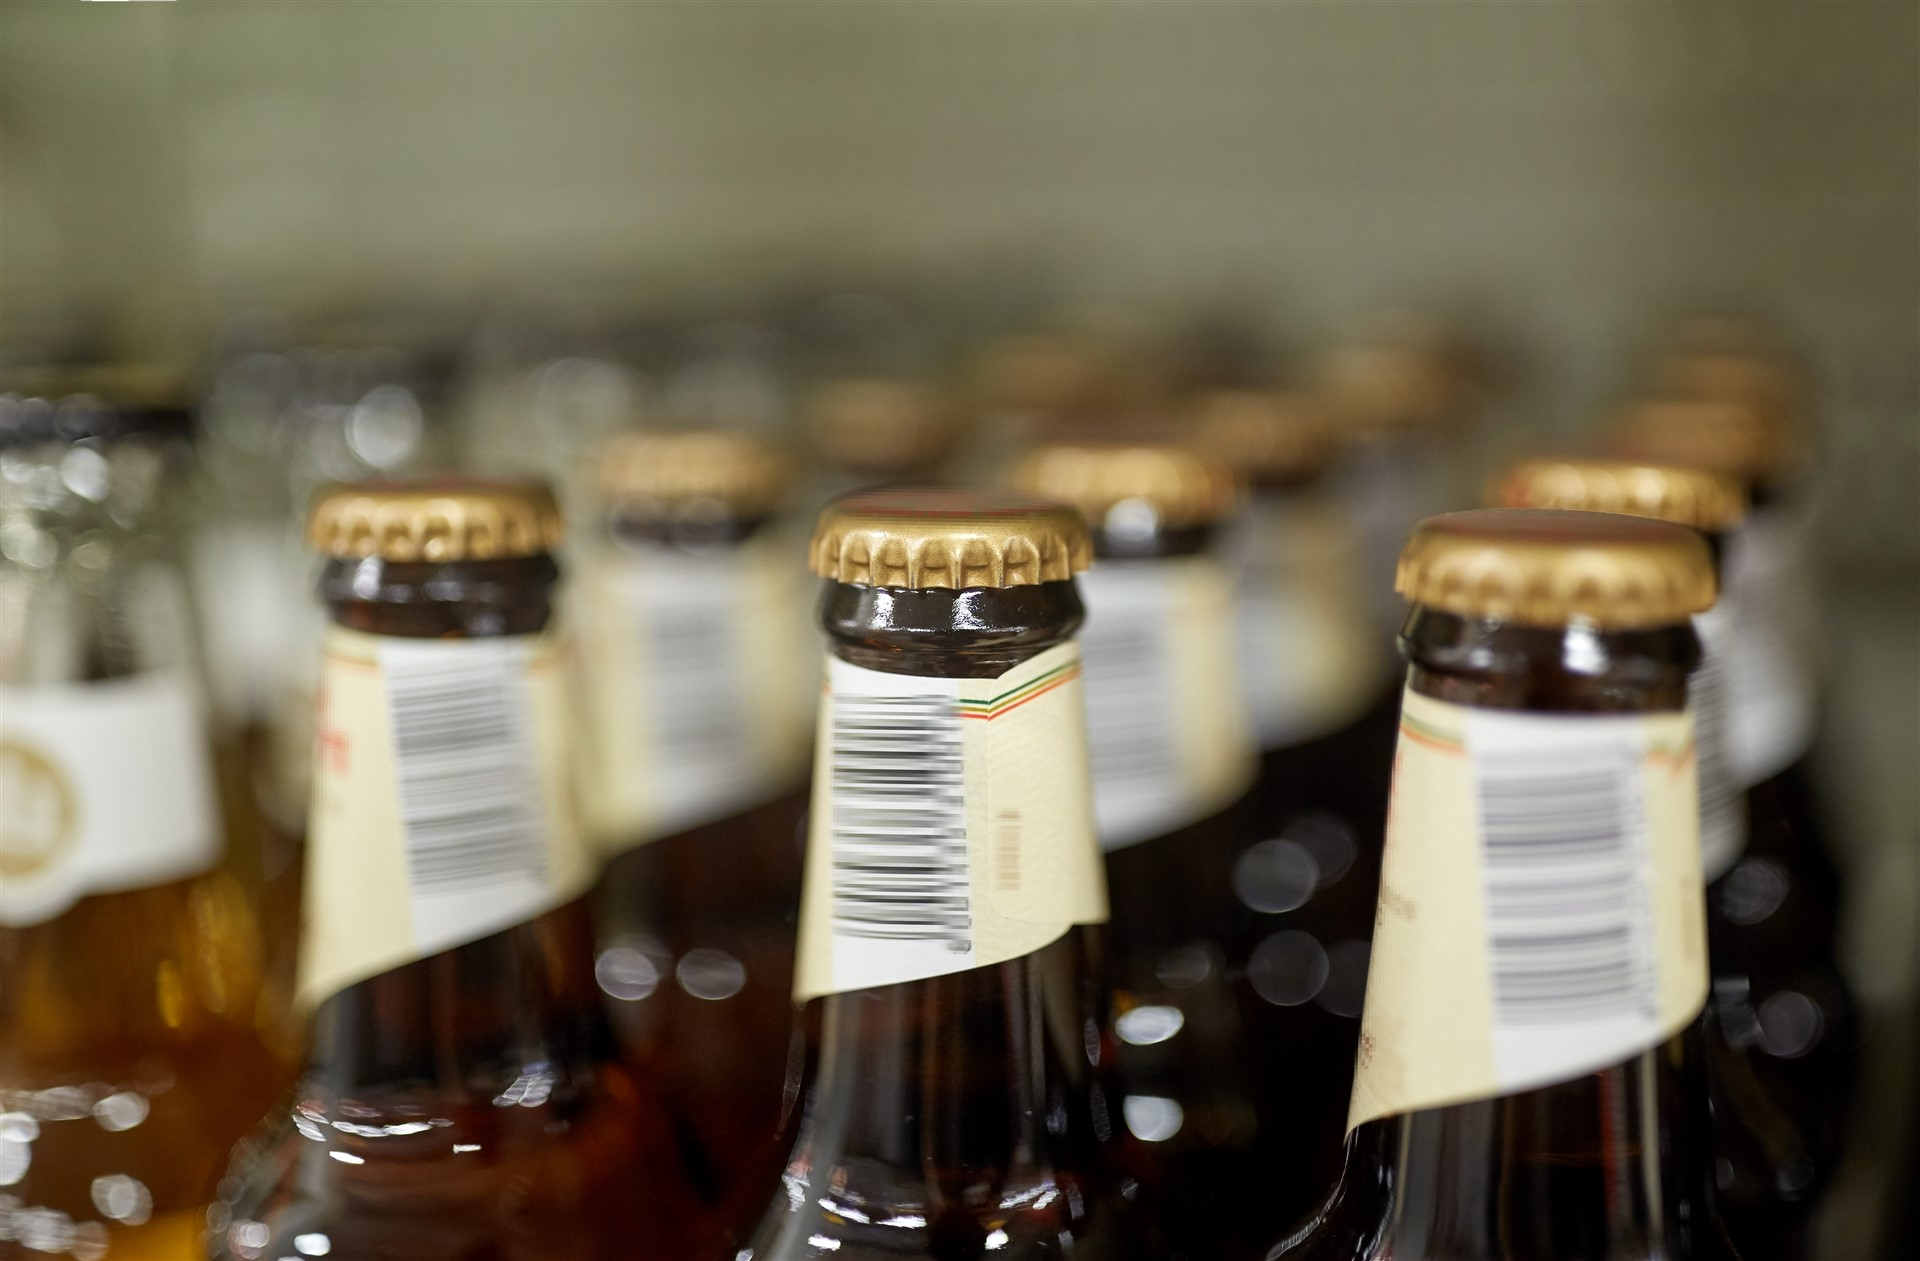 Agencia aduanal industria alimenticia y bebidas